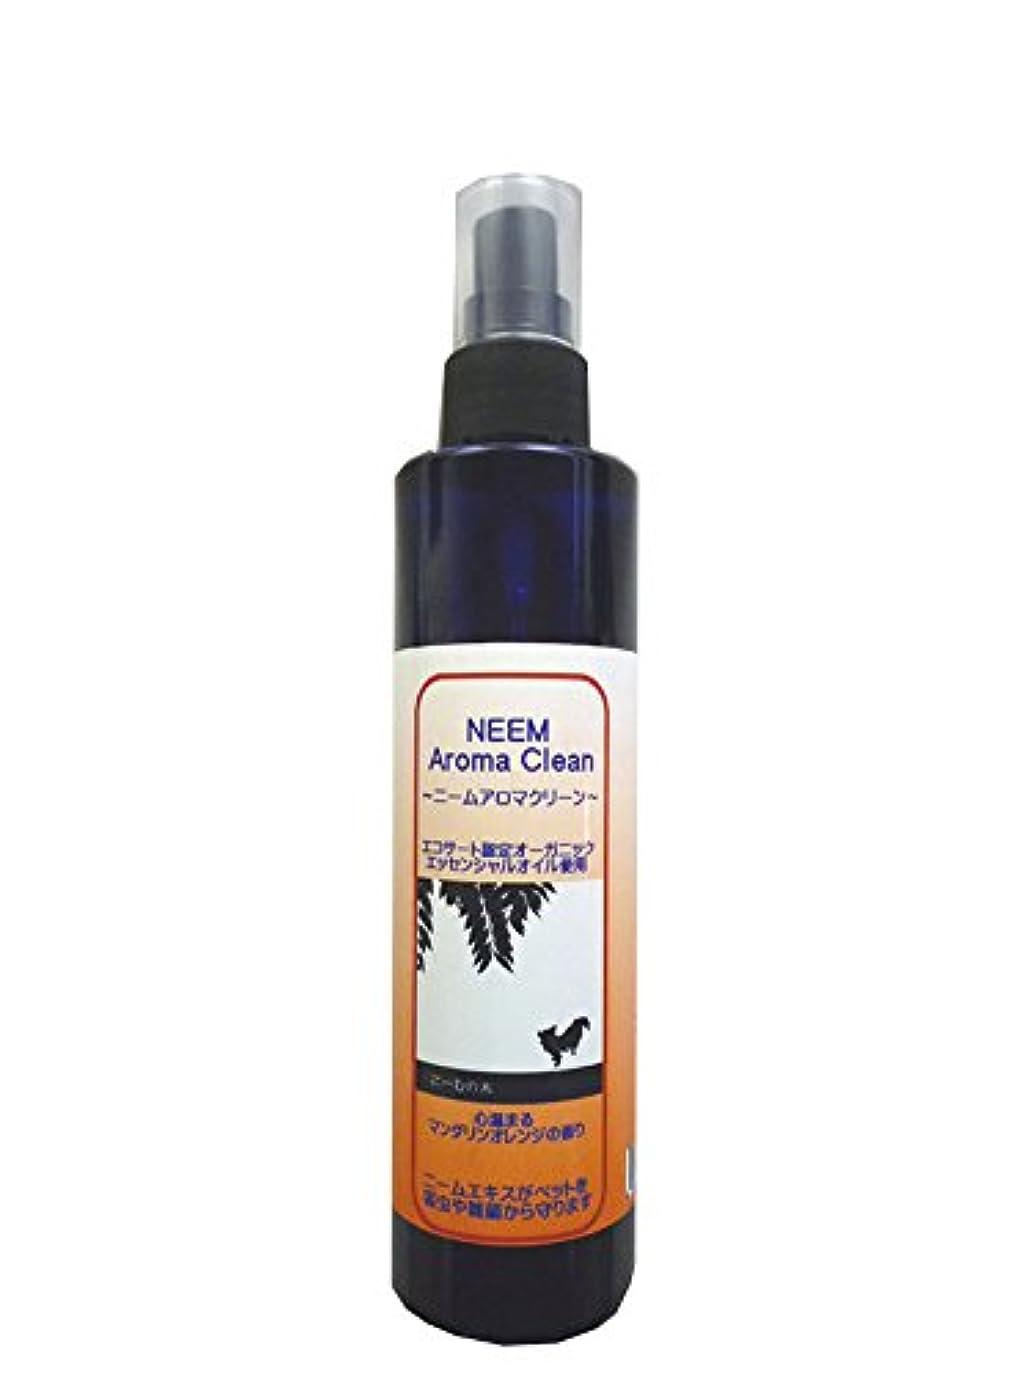 切り離す談話偶然のニームアロマクリーン(マンダリンオレンジ) NEEM Aroma Clean 200ml 【BLOOM】【(ノミ?ダニ)駆除用としてもお使いいただけます。】